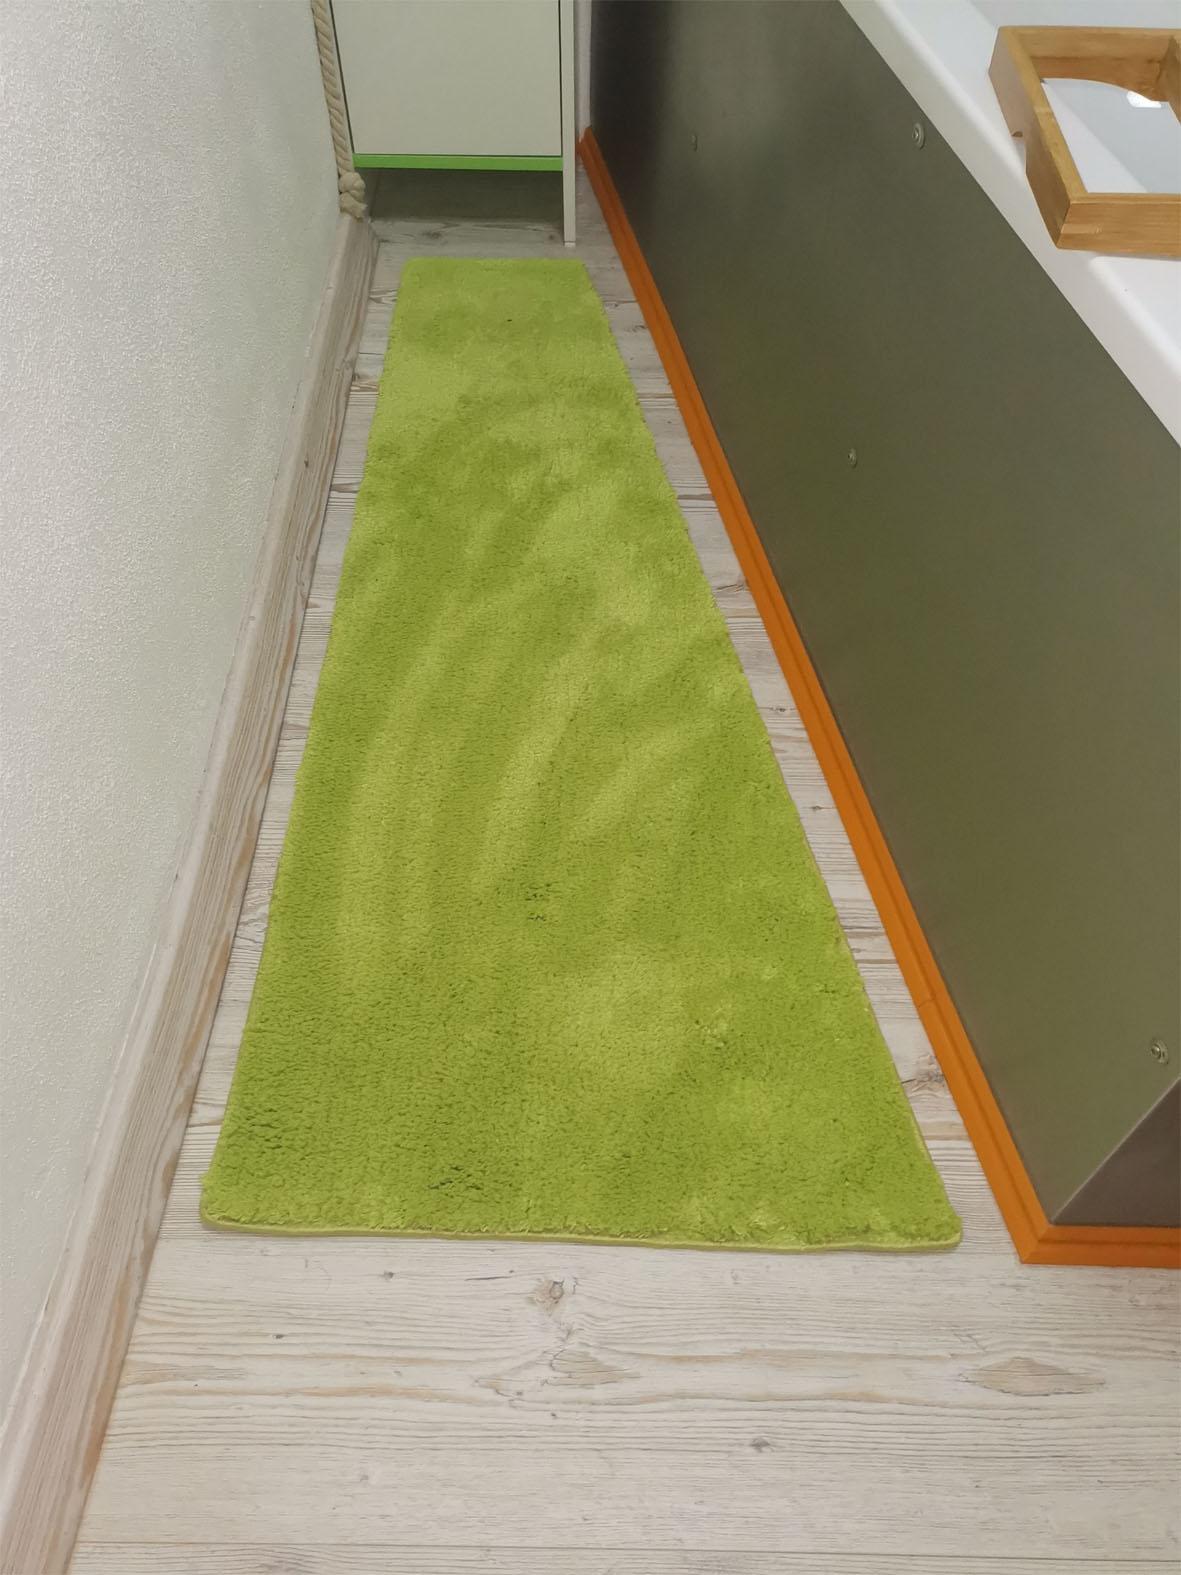 individueller badteppich nach kundenwunsch wohn badteppiche nach ma. Black Bedroom Furniture Sets. Home Design Ideas